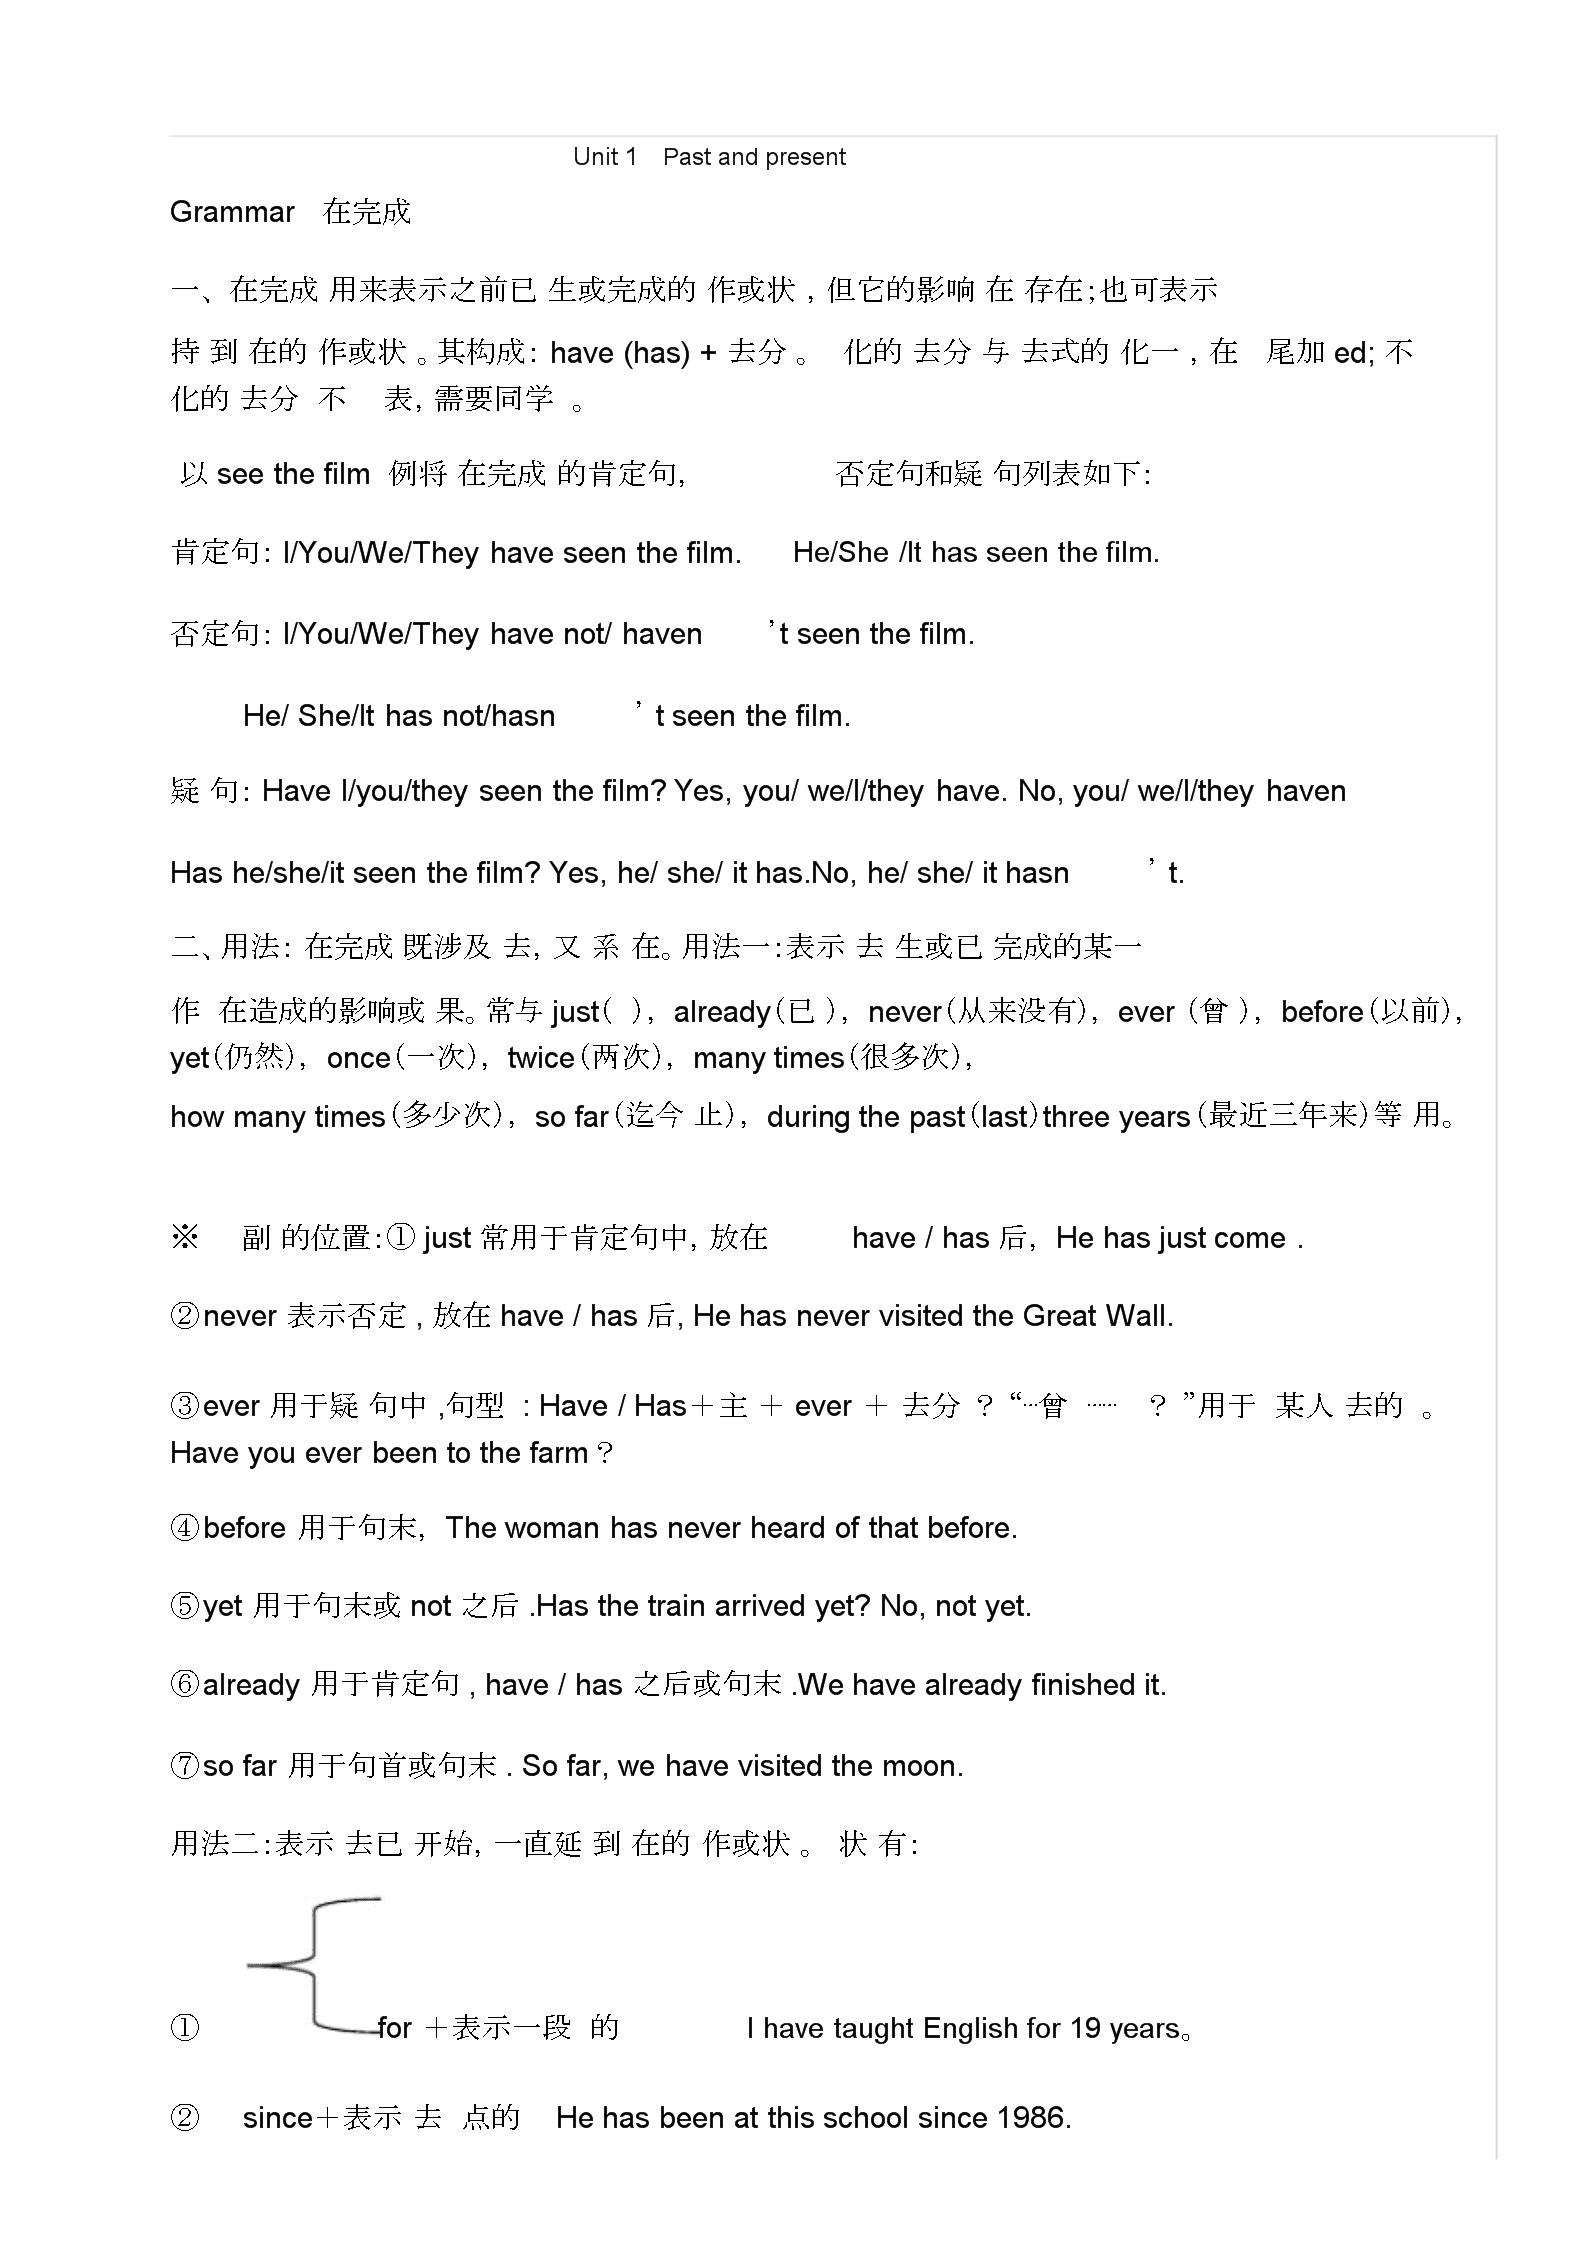 八年级英语现在完成时语法详细讲解与配套习题.docx